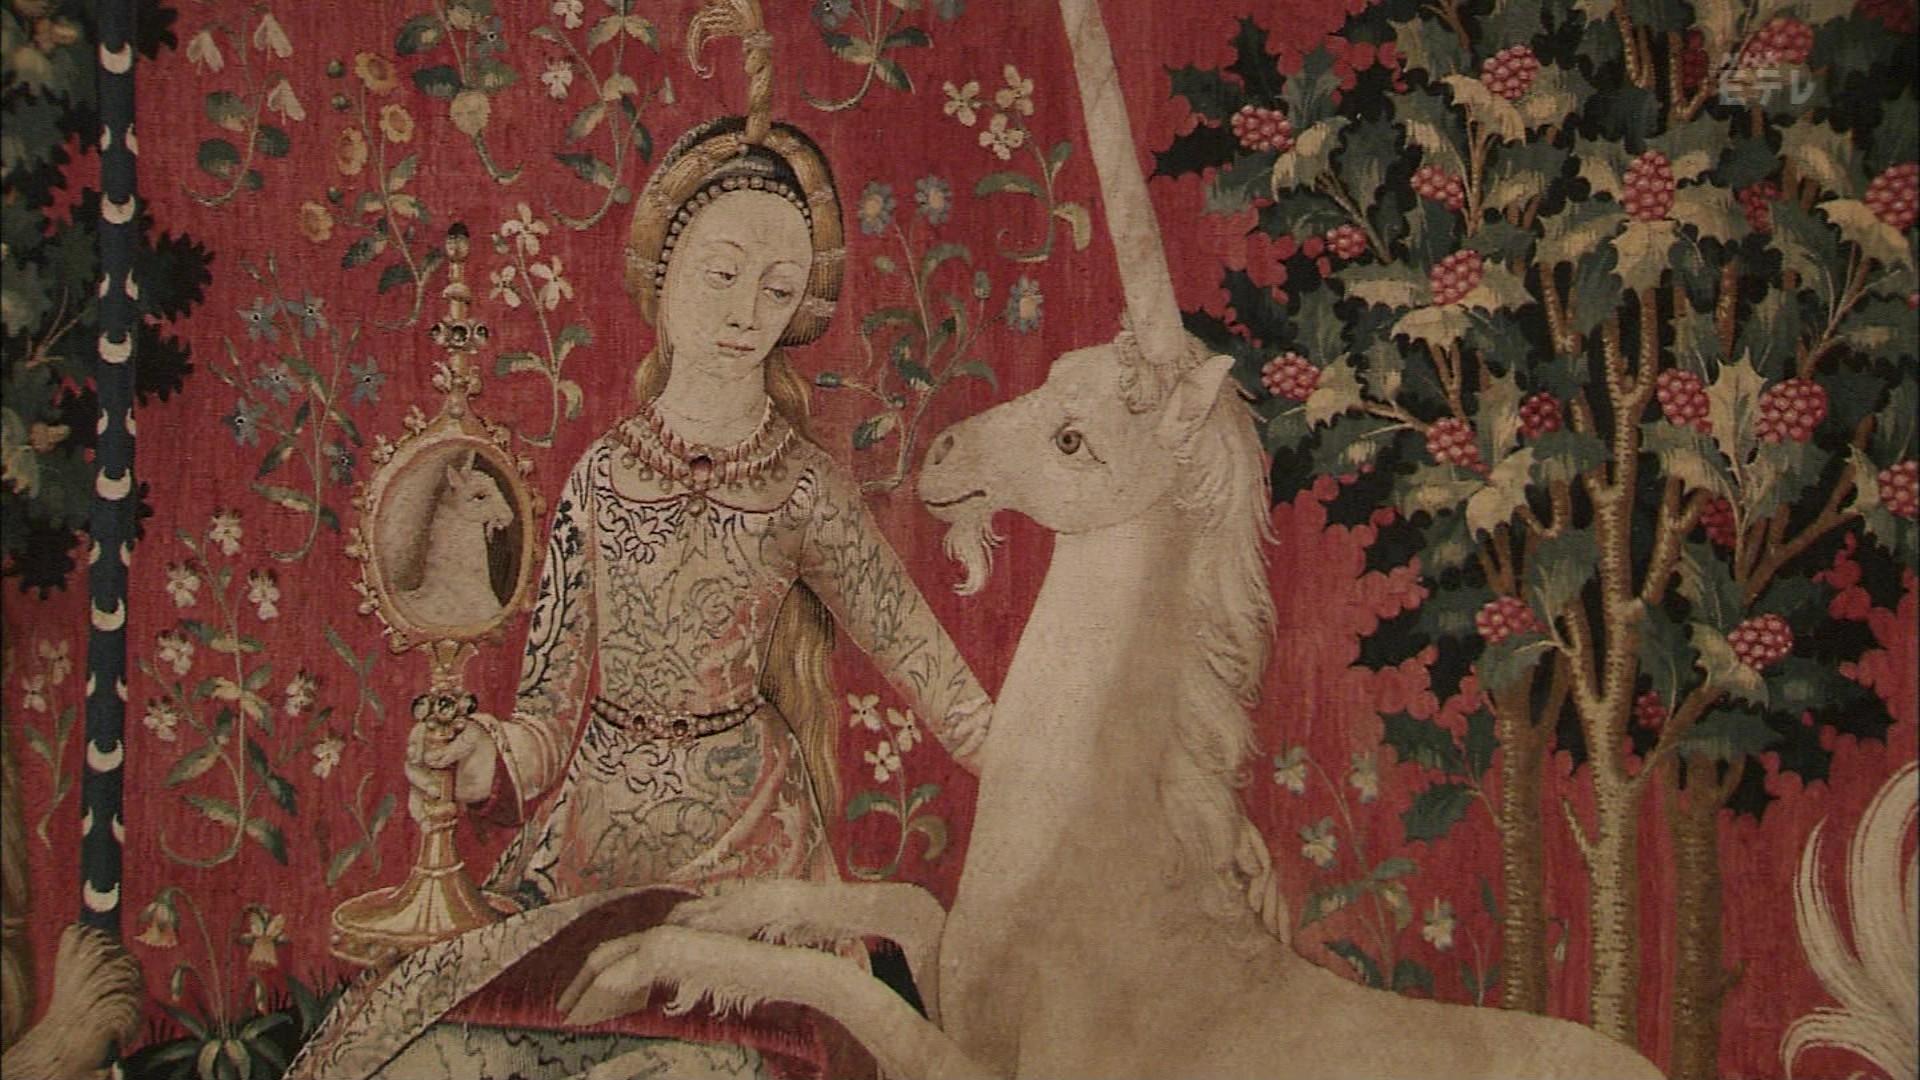 日曜美術館 原田マハが挑む 貴婦人と一角獣 こんなテレビを見た